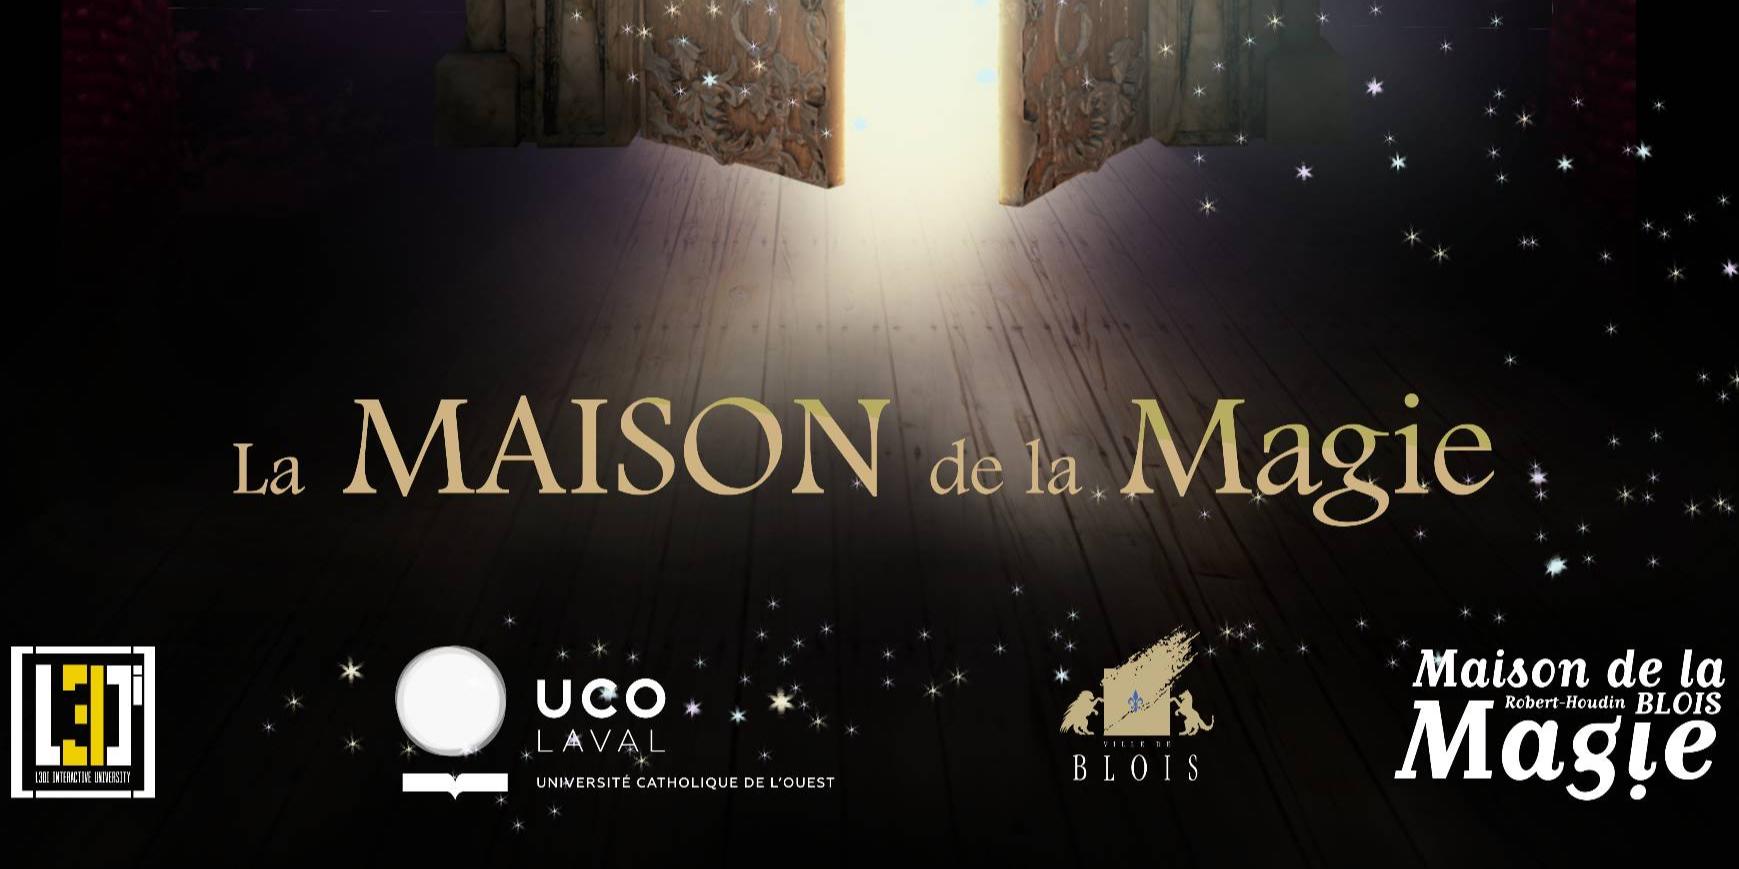 MAISON DE LA MAGIE - HOUDAIN